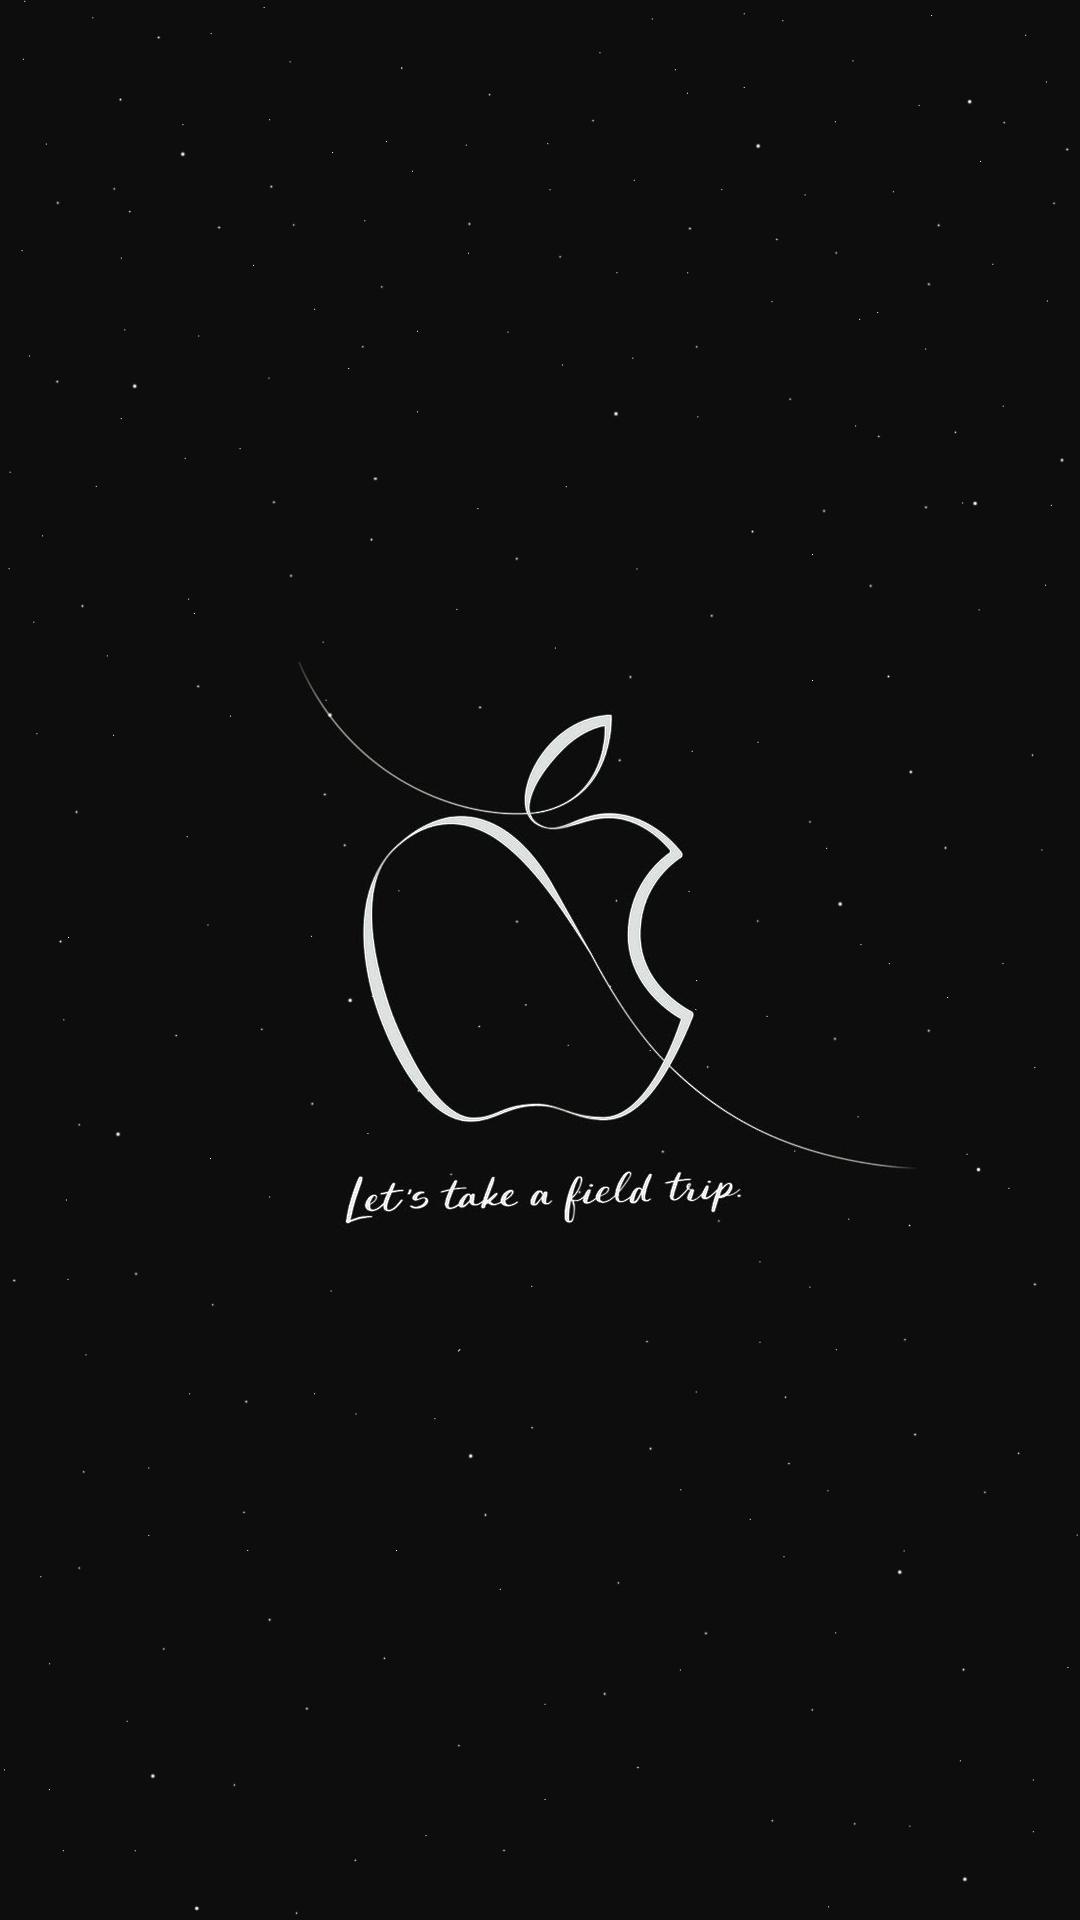 Appleのスペシャルイベント Let S Take A Field Trip のデザインをベースにした壁紙 Iphone Ipad Mac用 噂のappleフリークス